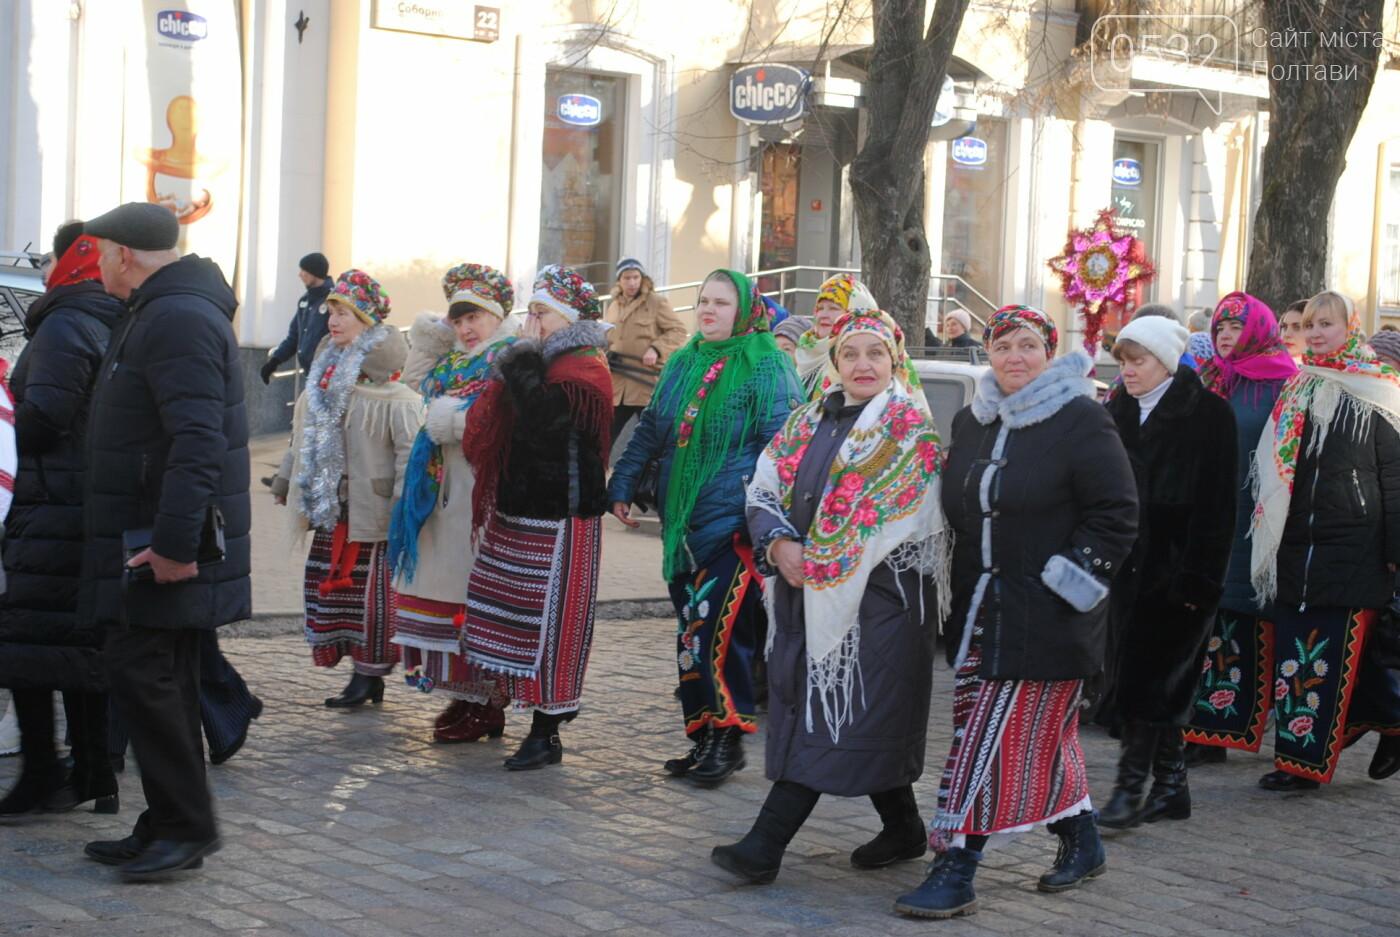 У Полтаві розгорнулося вертепне дійство з колядками та щедрівками «Різдвяна феєрія» (ФОТО), фото-7